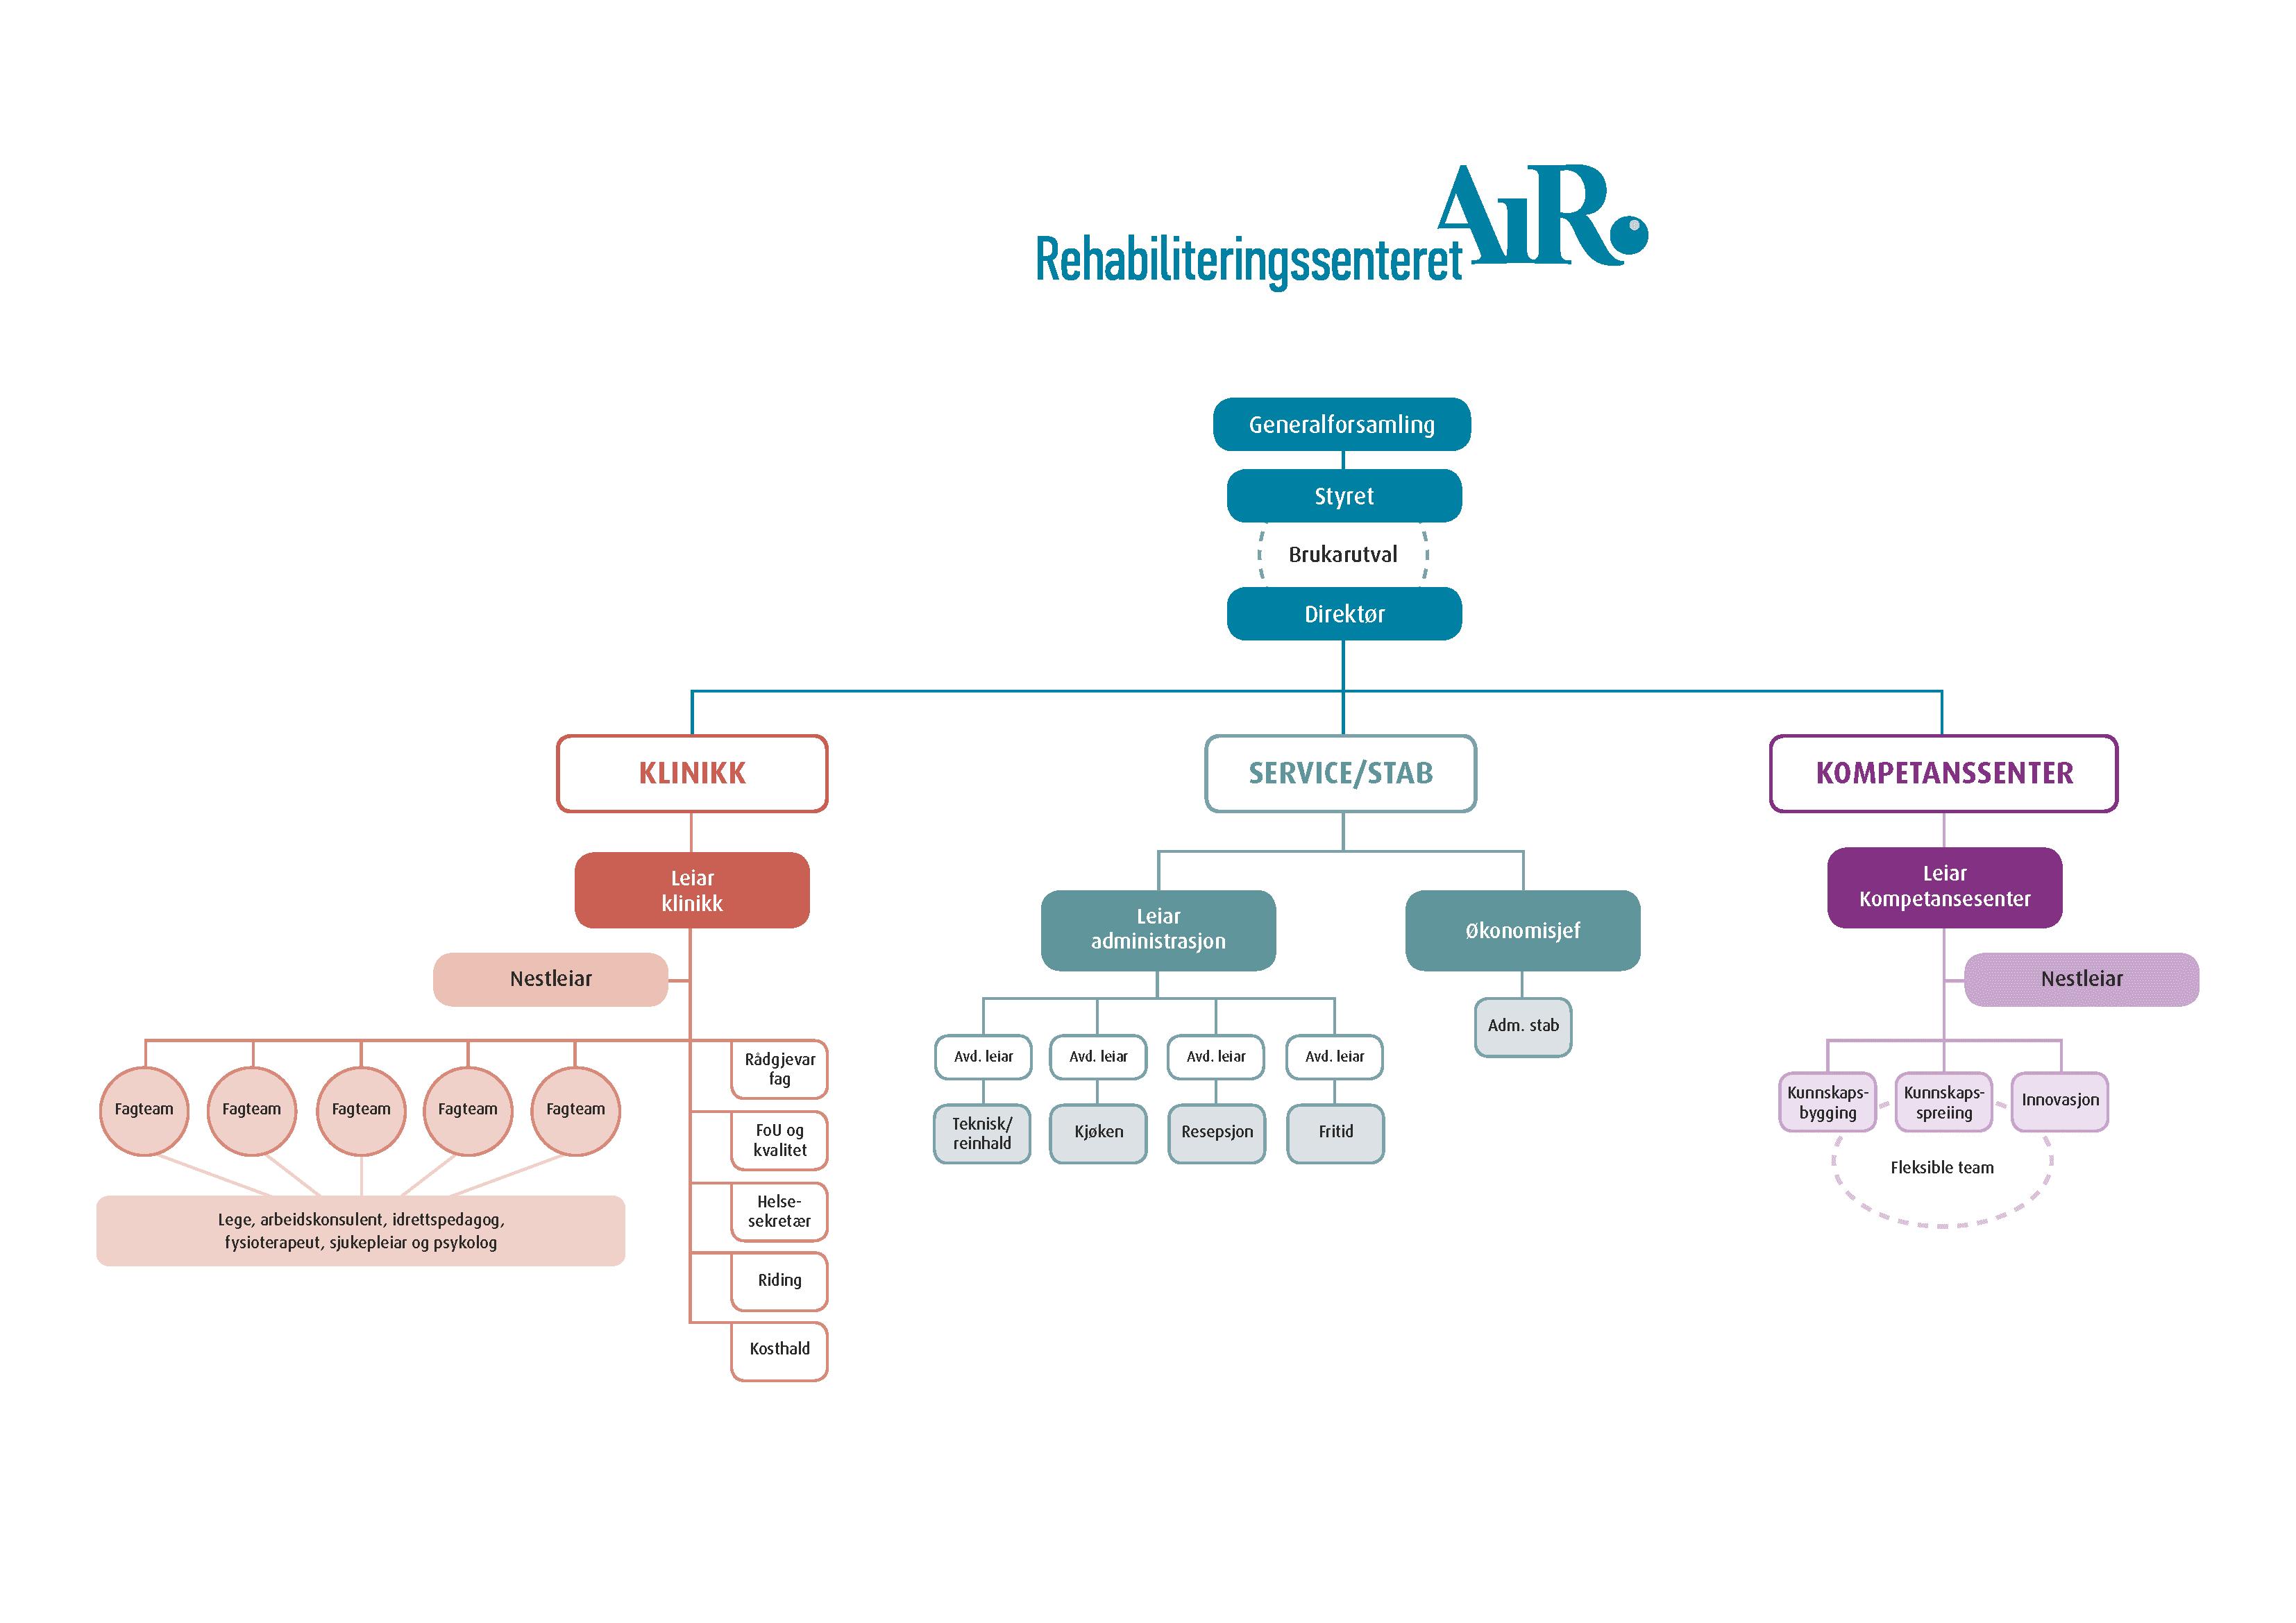 Organisasjonskart AiR